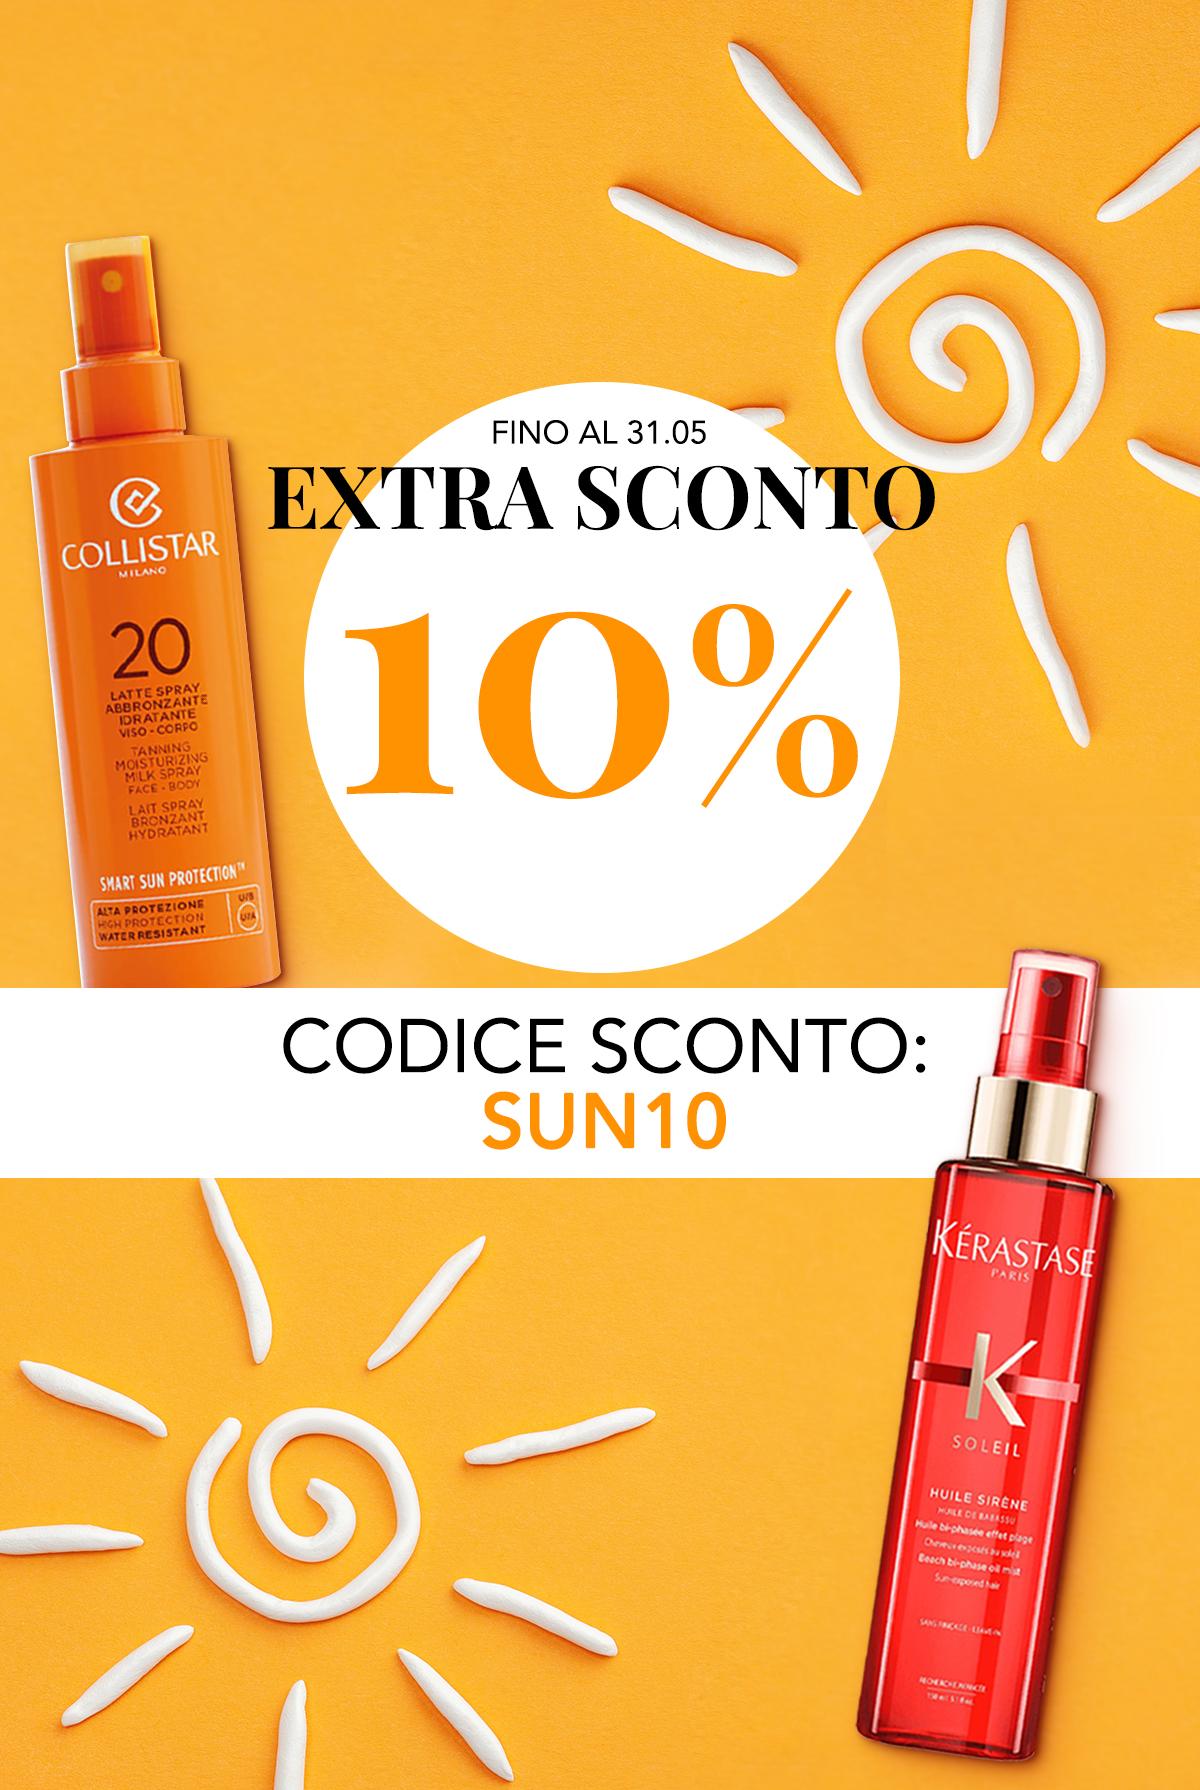 PROMO Extra 10% Solari Corpo, Viso, Capelli